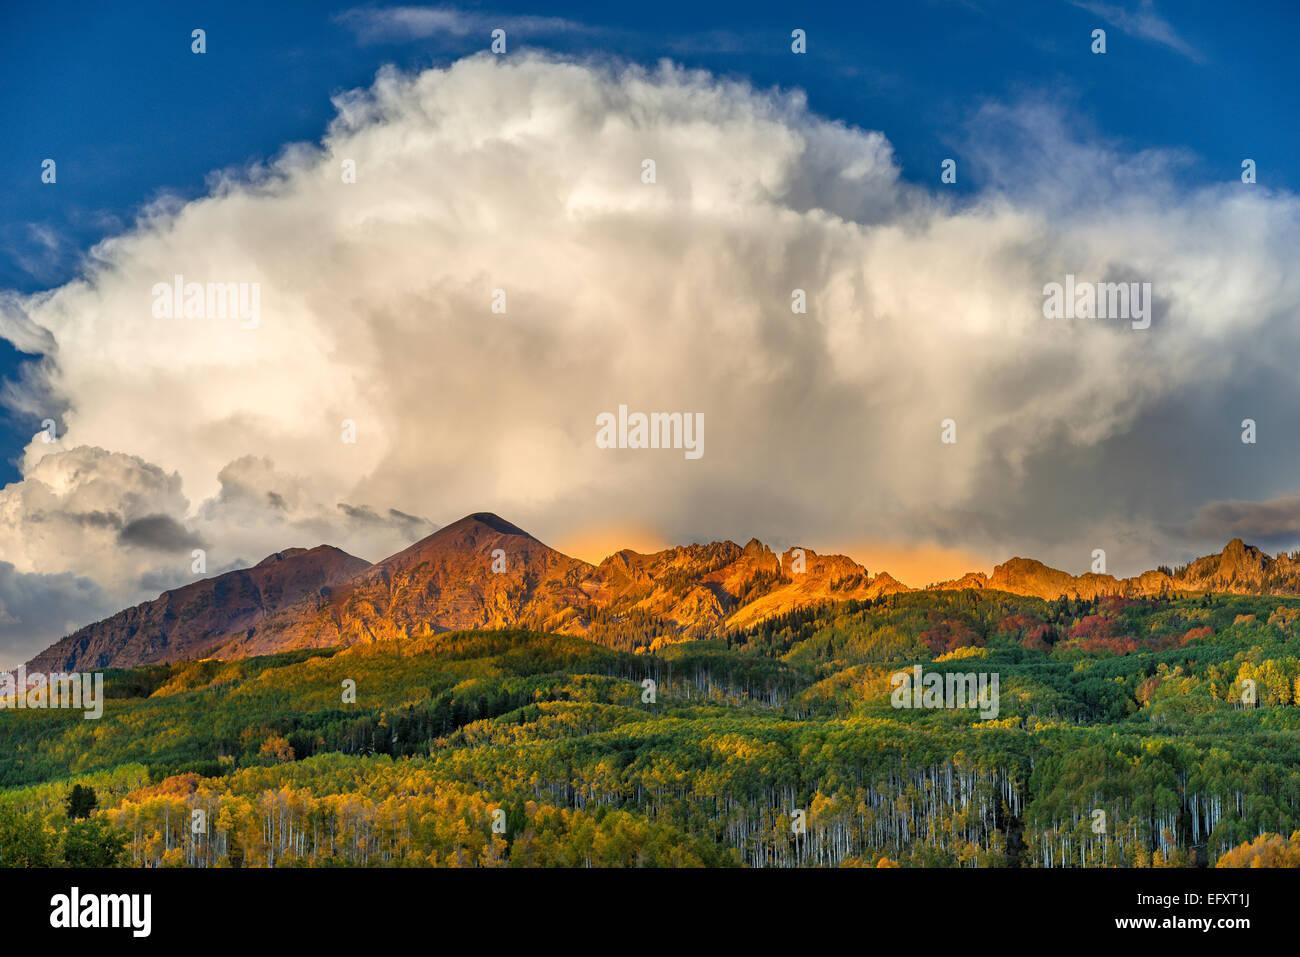 La Foresta Nazionale di Gunnison, CO: fuga di nuvole sopra la gamma di Ruby in inizio di caduta Immagini Stock